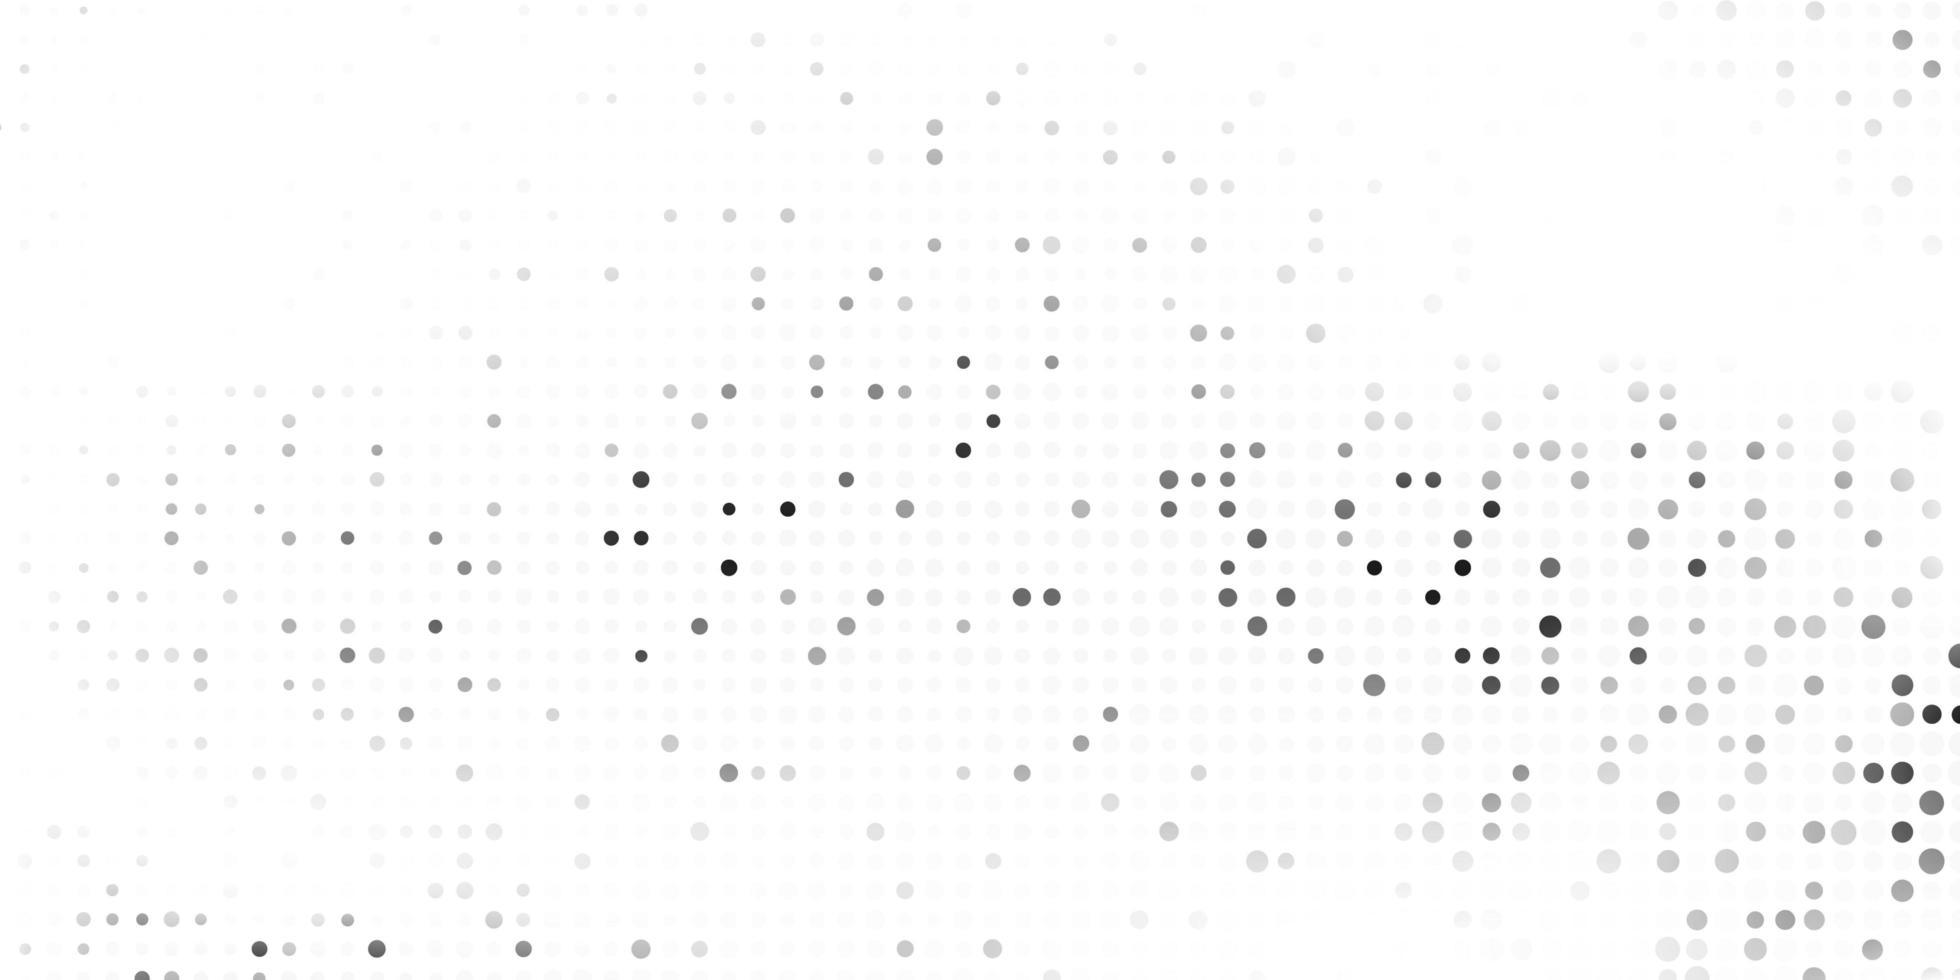 Design Moderne De Fond Blanc Et Gris Telecharger Vectoriel Gratuit Clipart Graphique Vecteur Dessins Et Pictogramme Gratuit